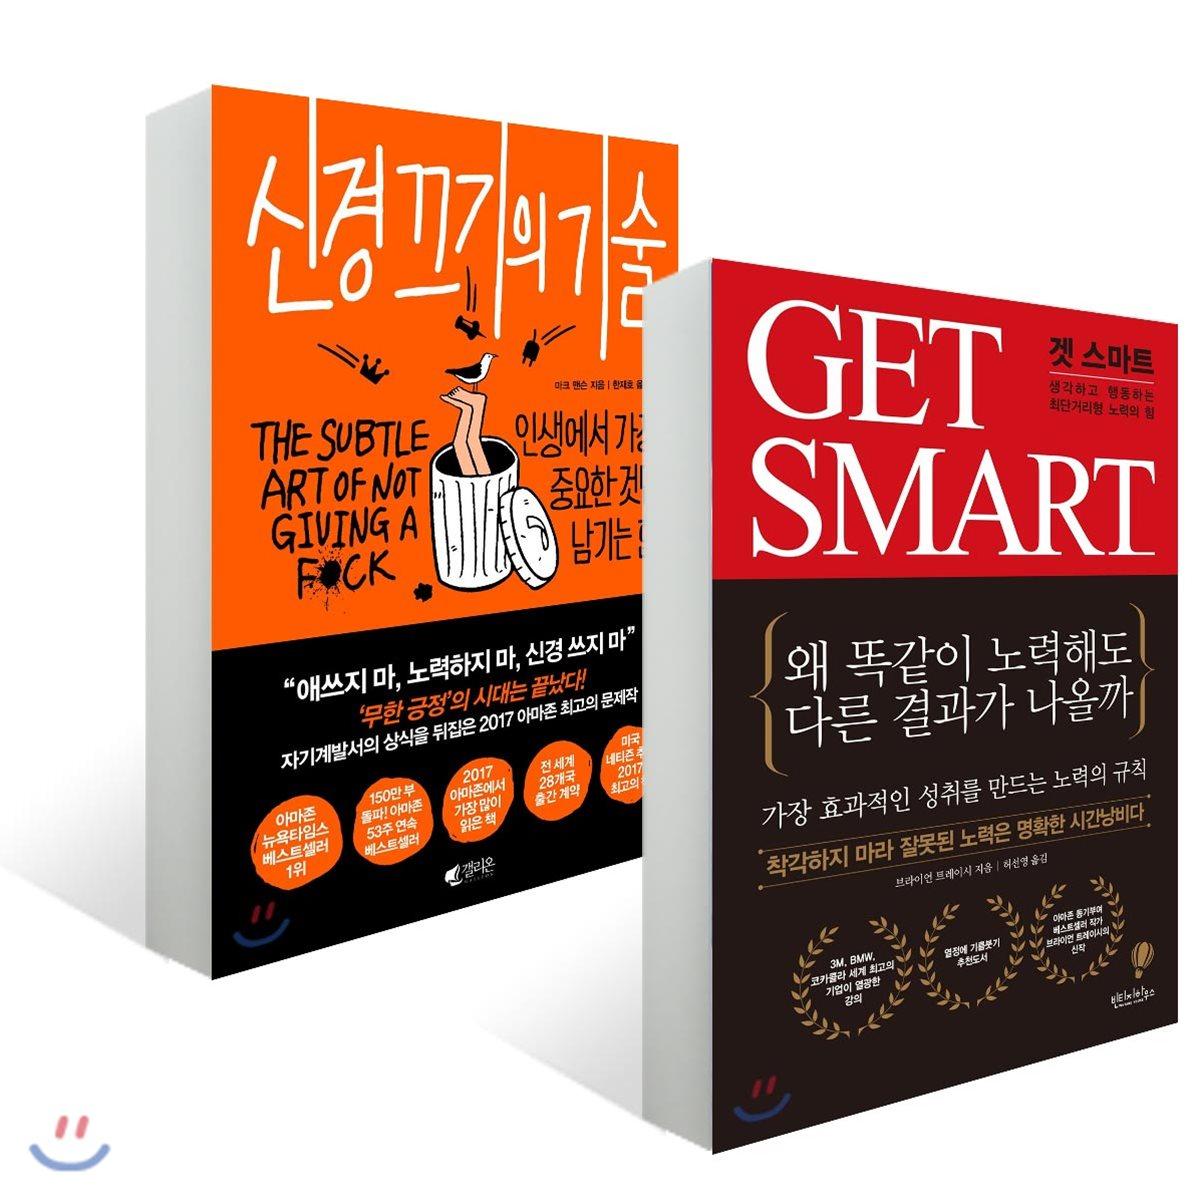 신경 끄기의 기술 + 겟 스마트 GET SMART